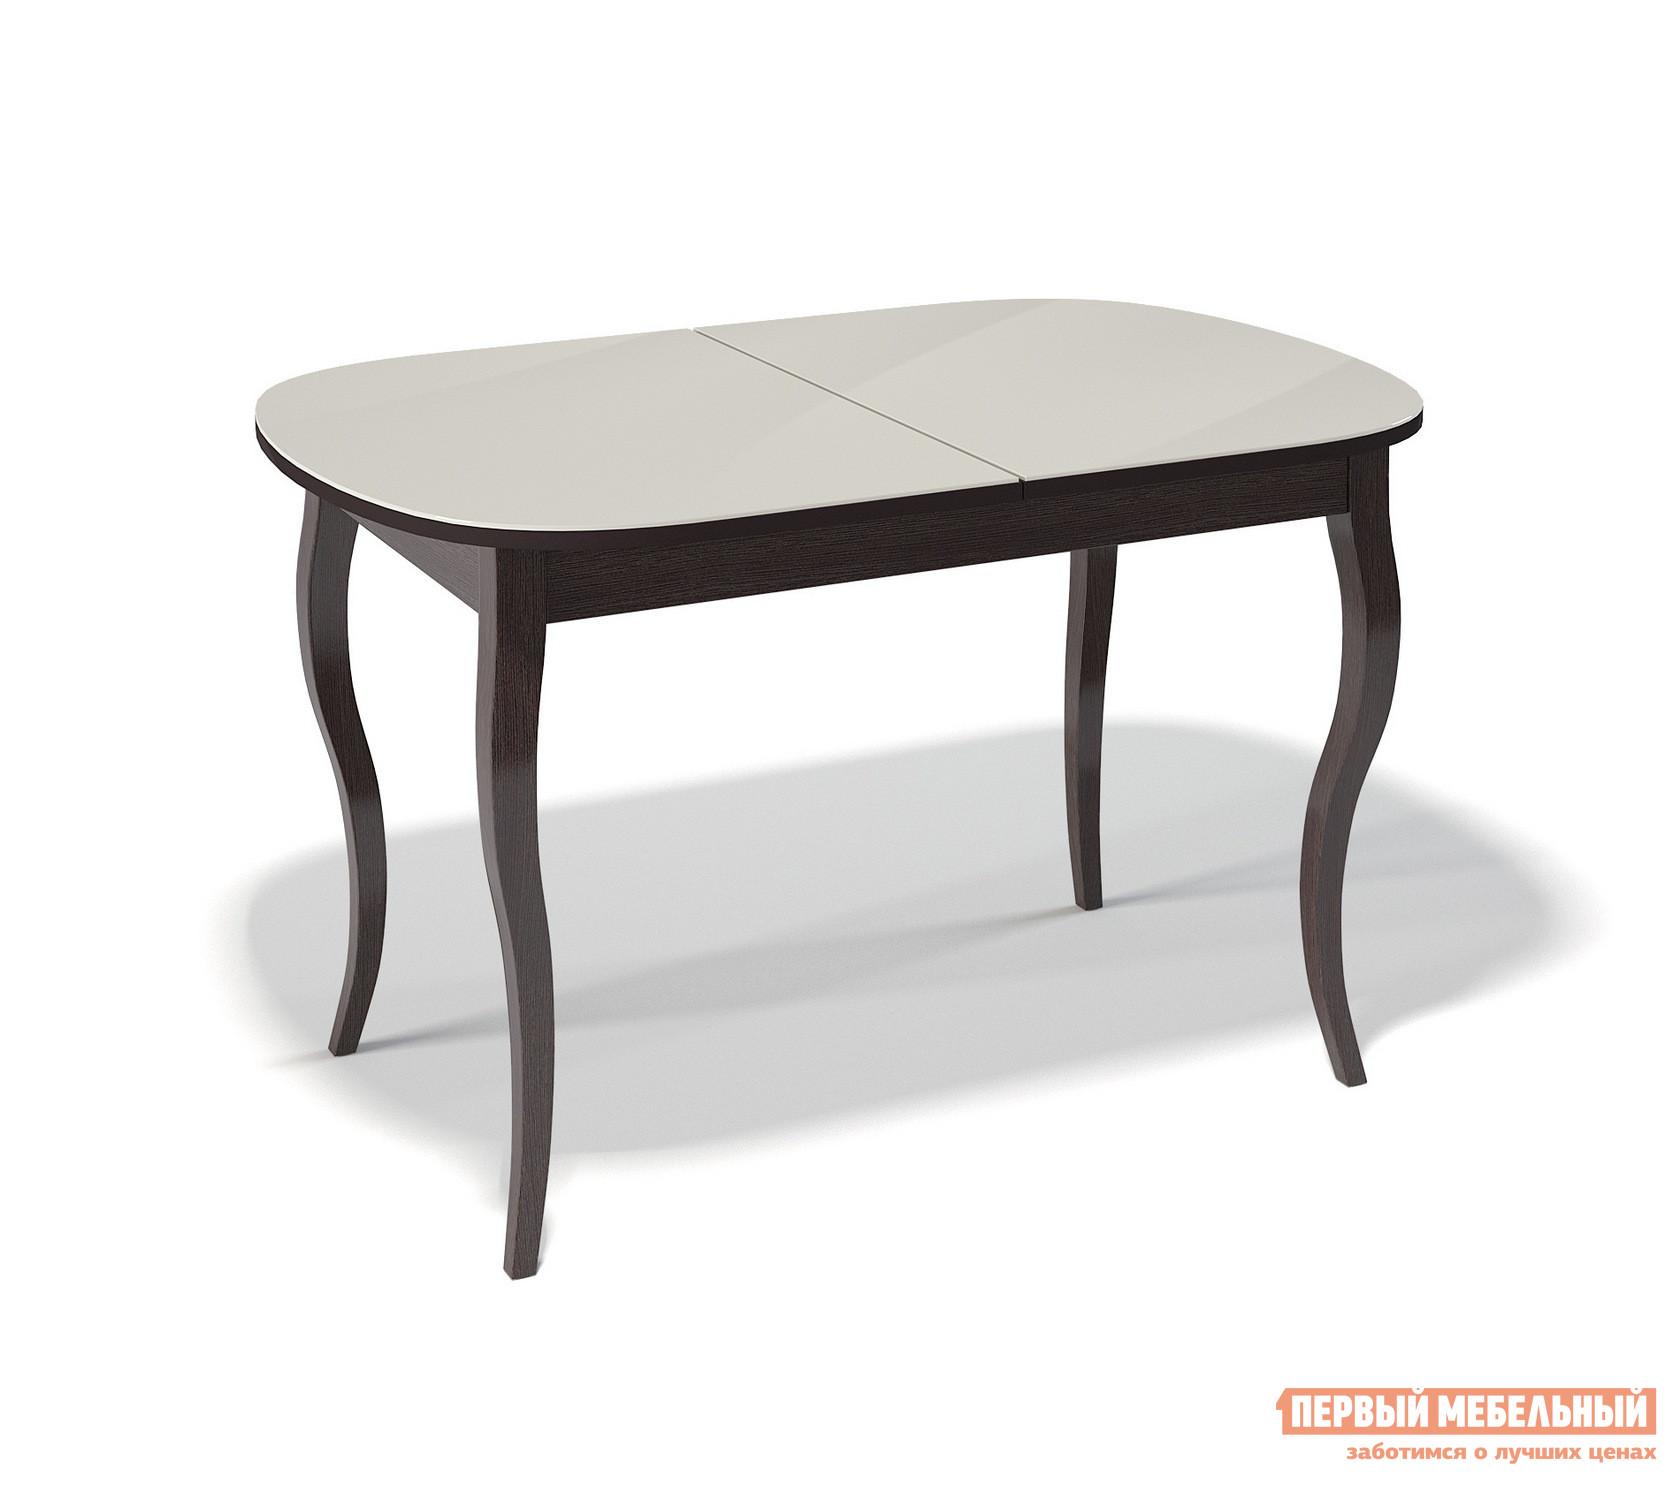 Кухонный стол из массива дерева ДИК KENNER 1300C